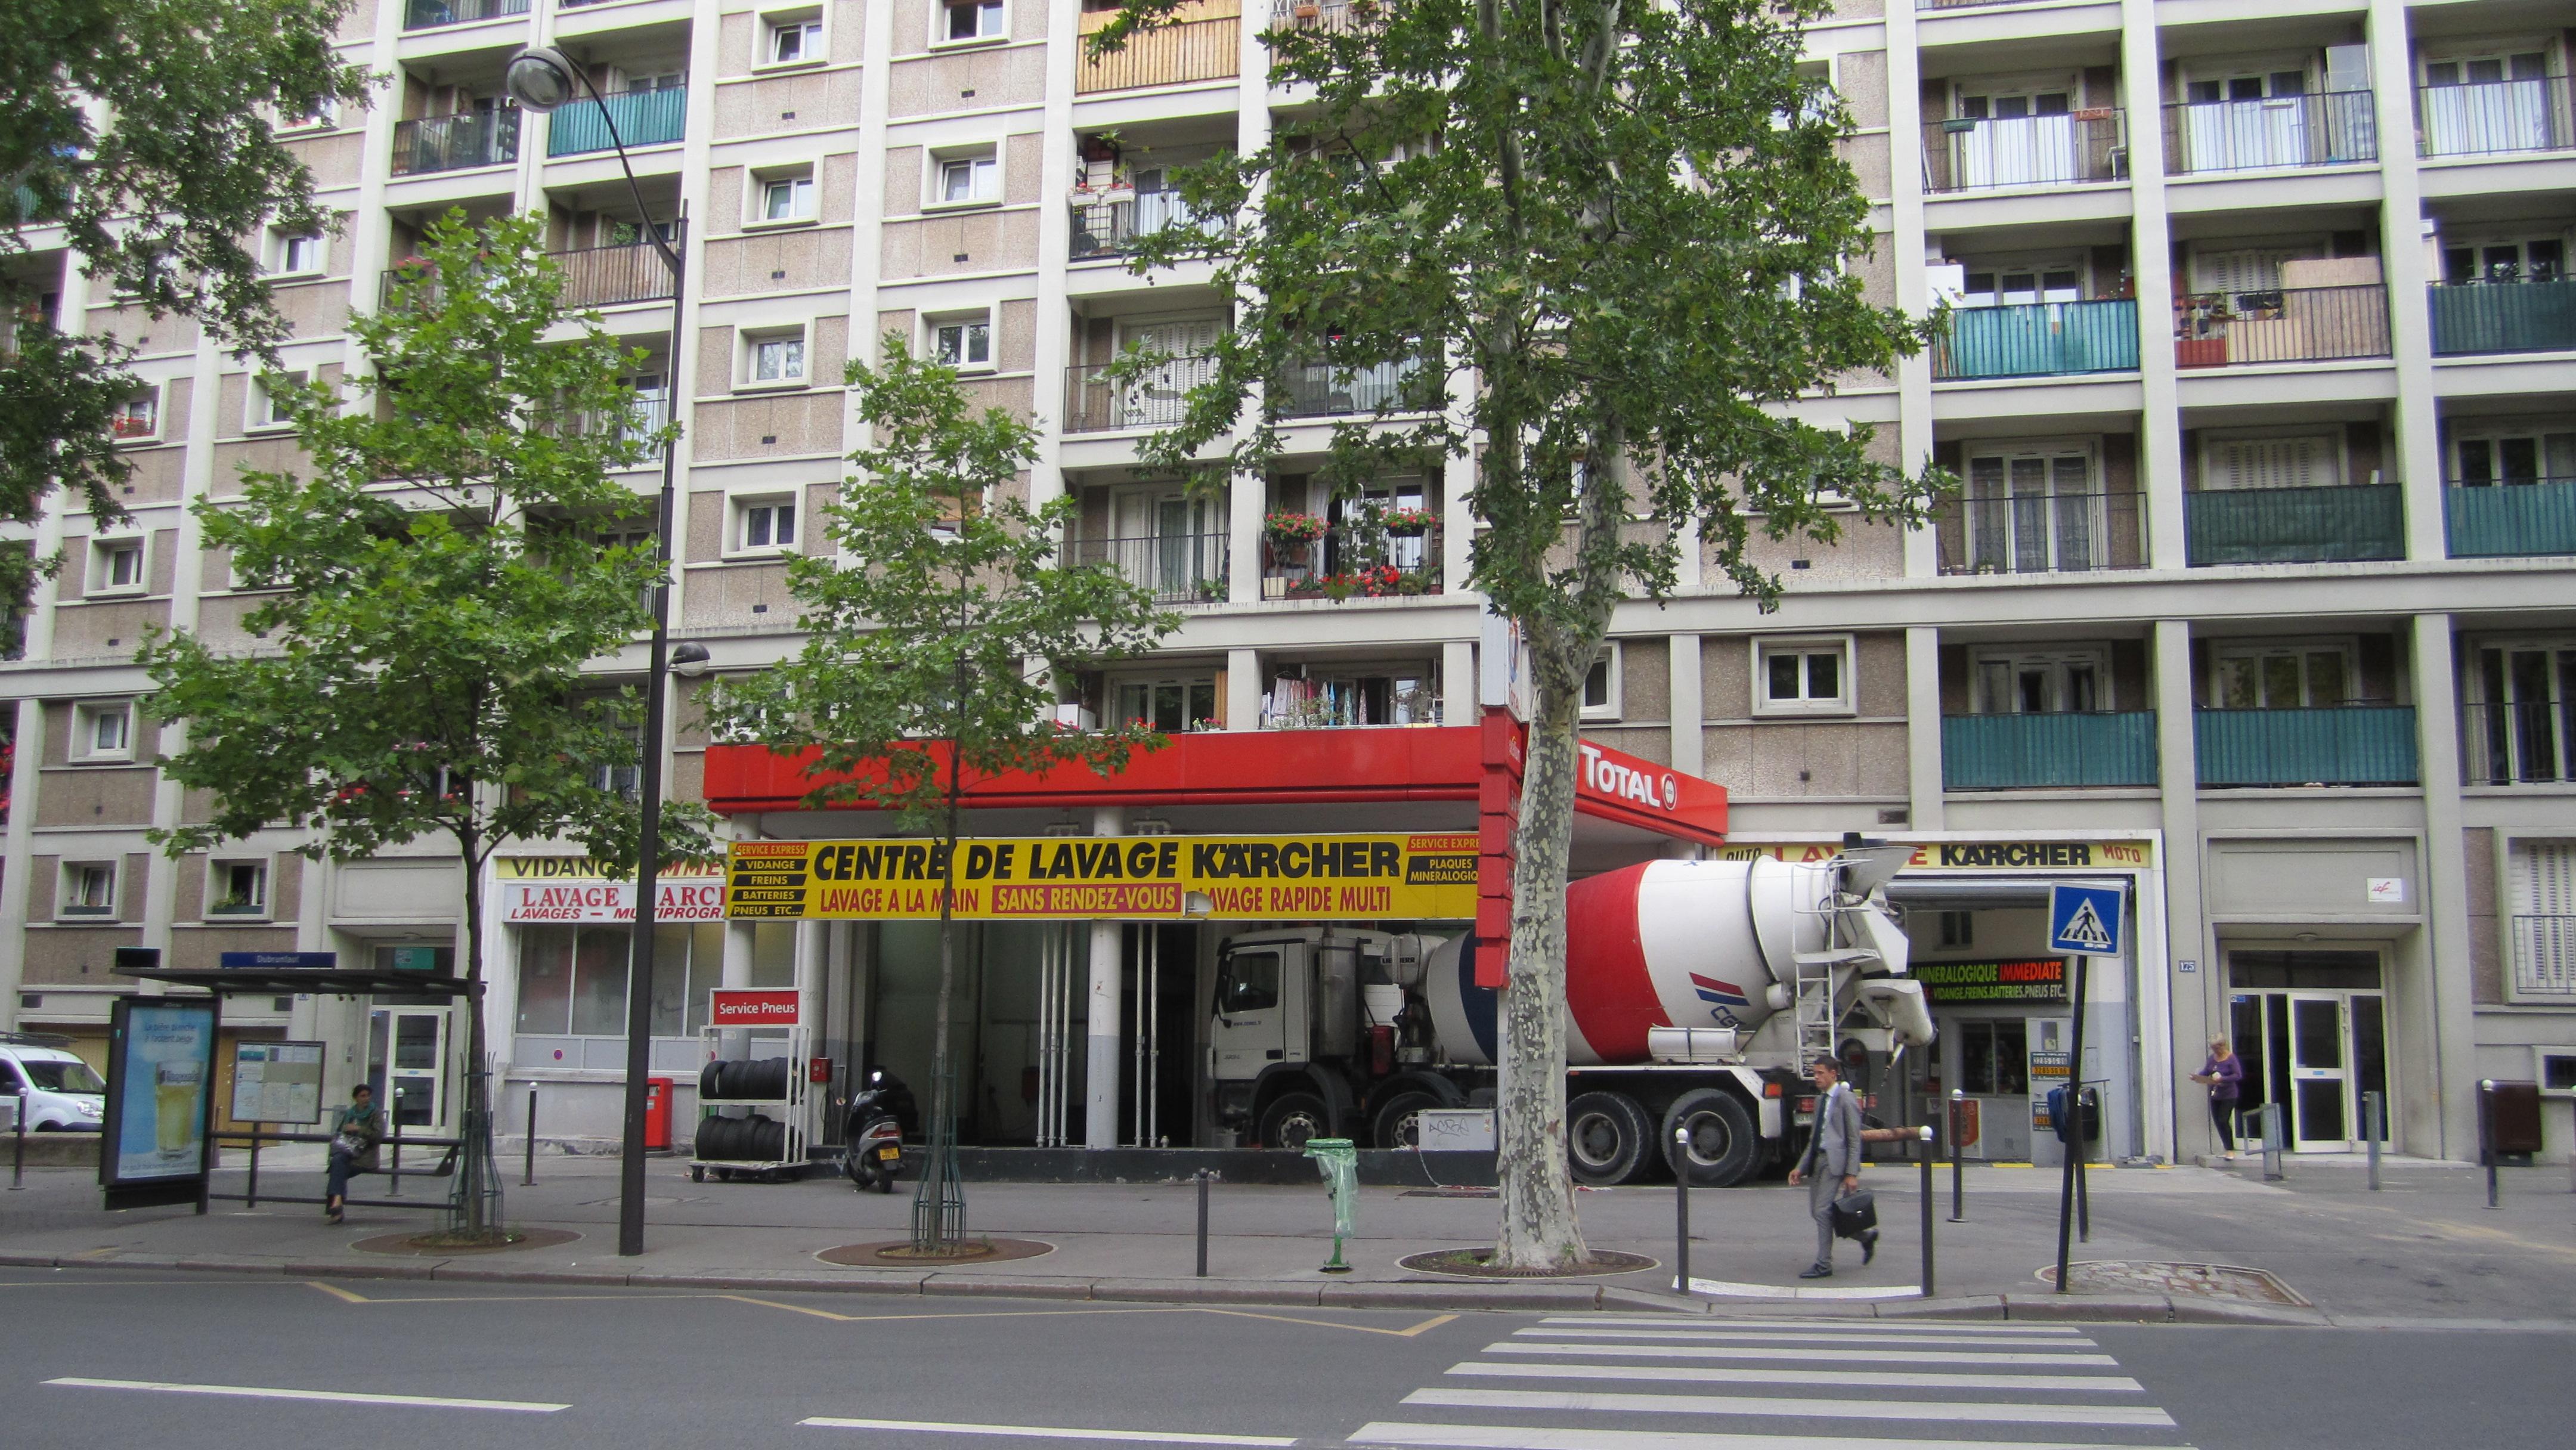 Station de lavage karcher free station lavage poids lourd container with station de lavage - La poste daumesnil ...